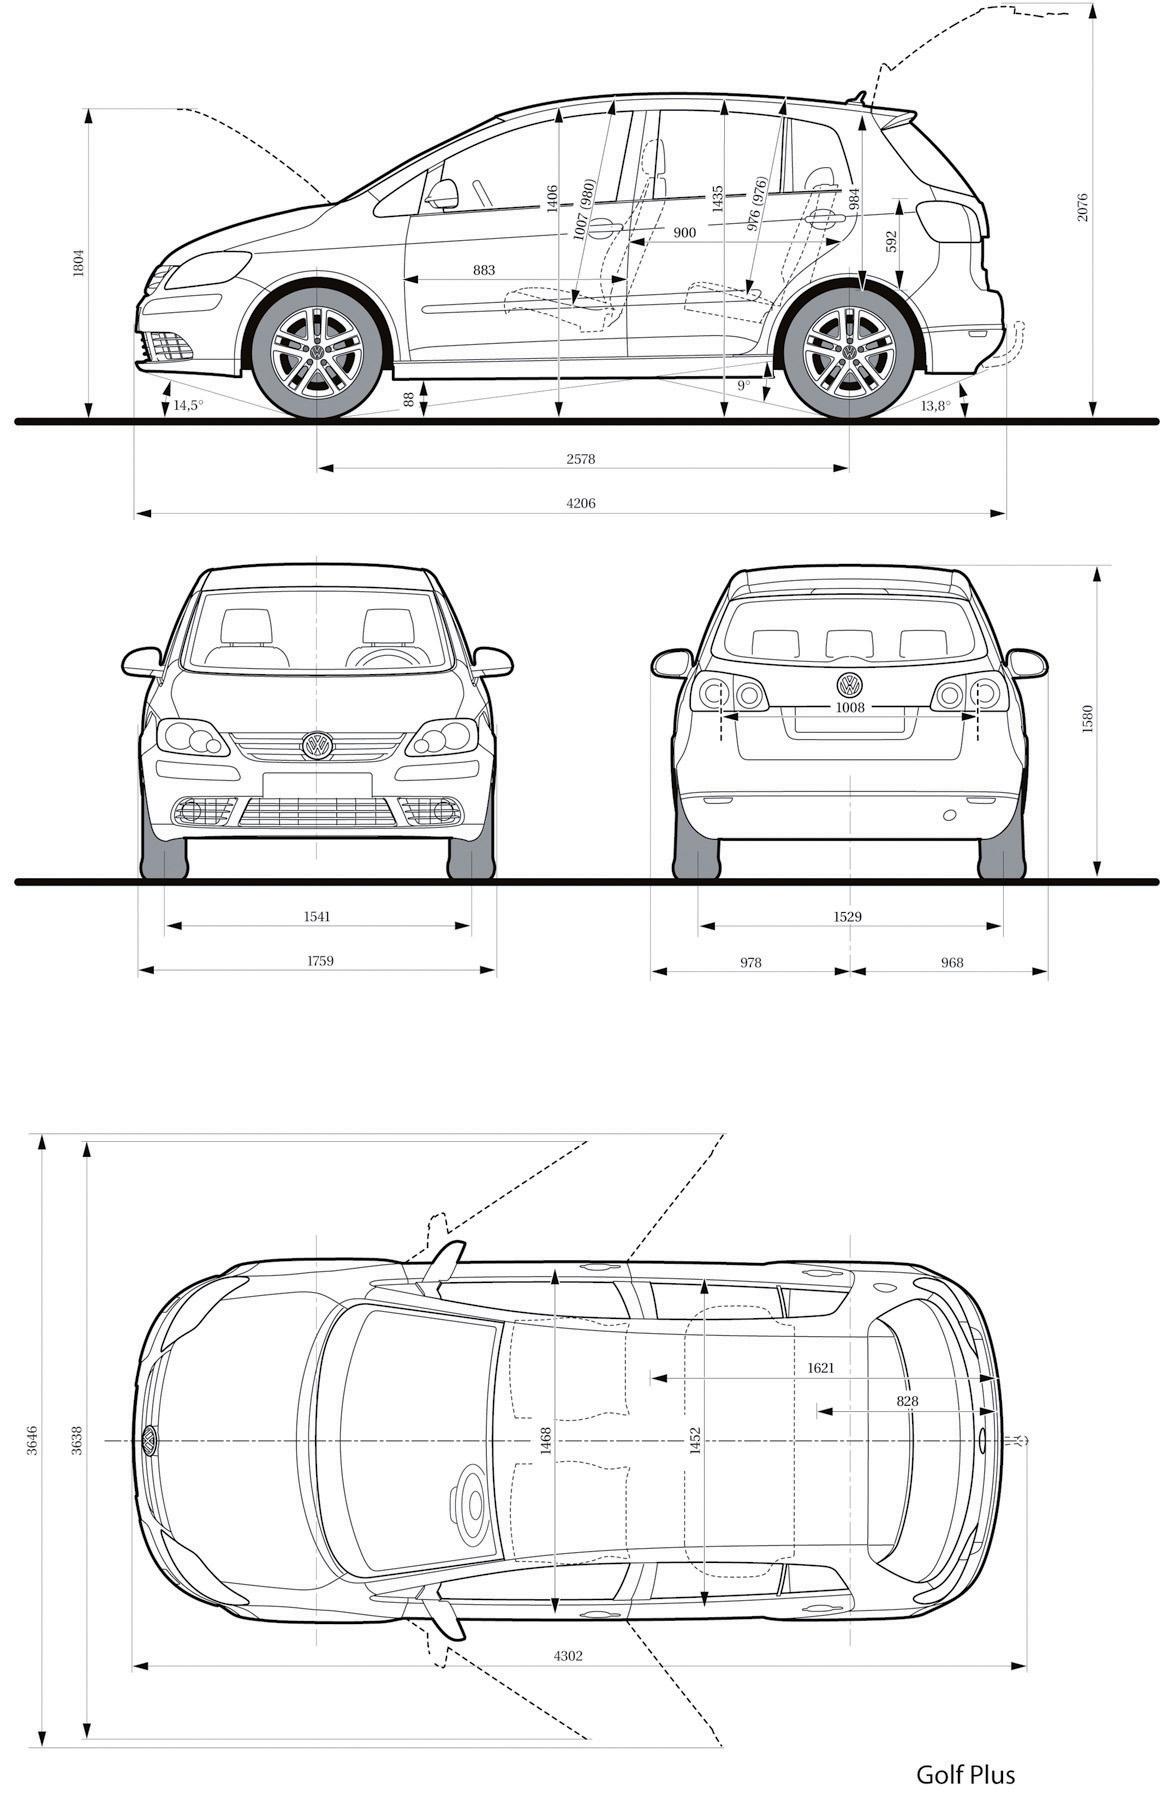 Volkswagen Golf Plus 2005 Blueprint Download Free